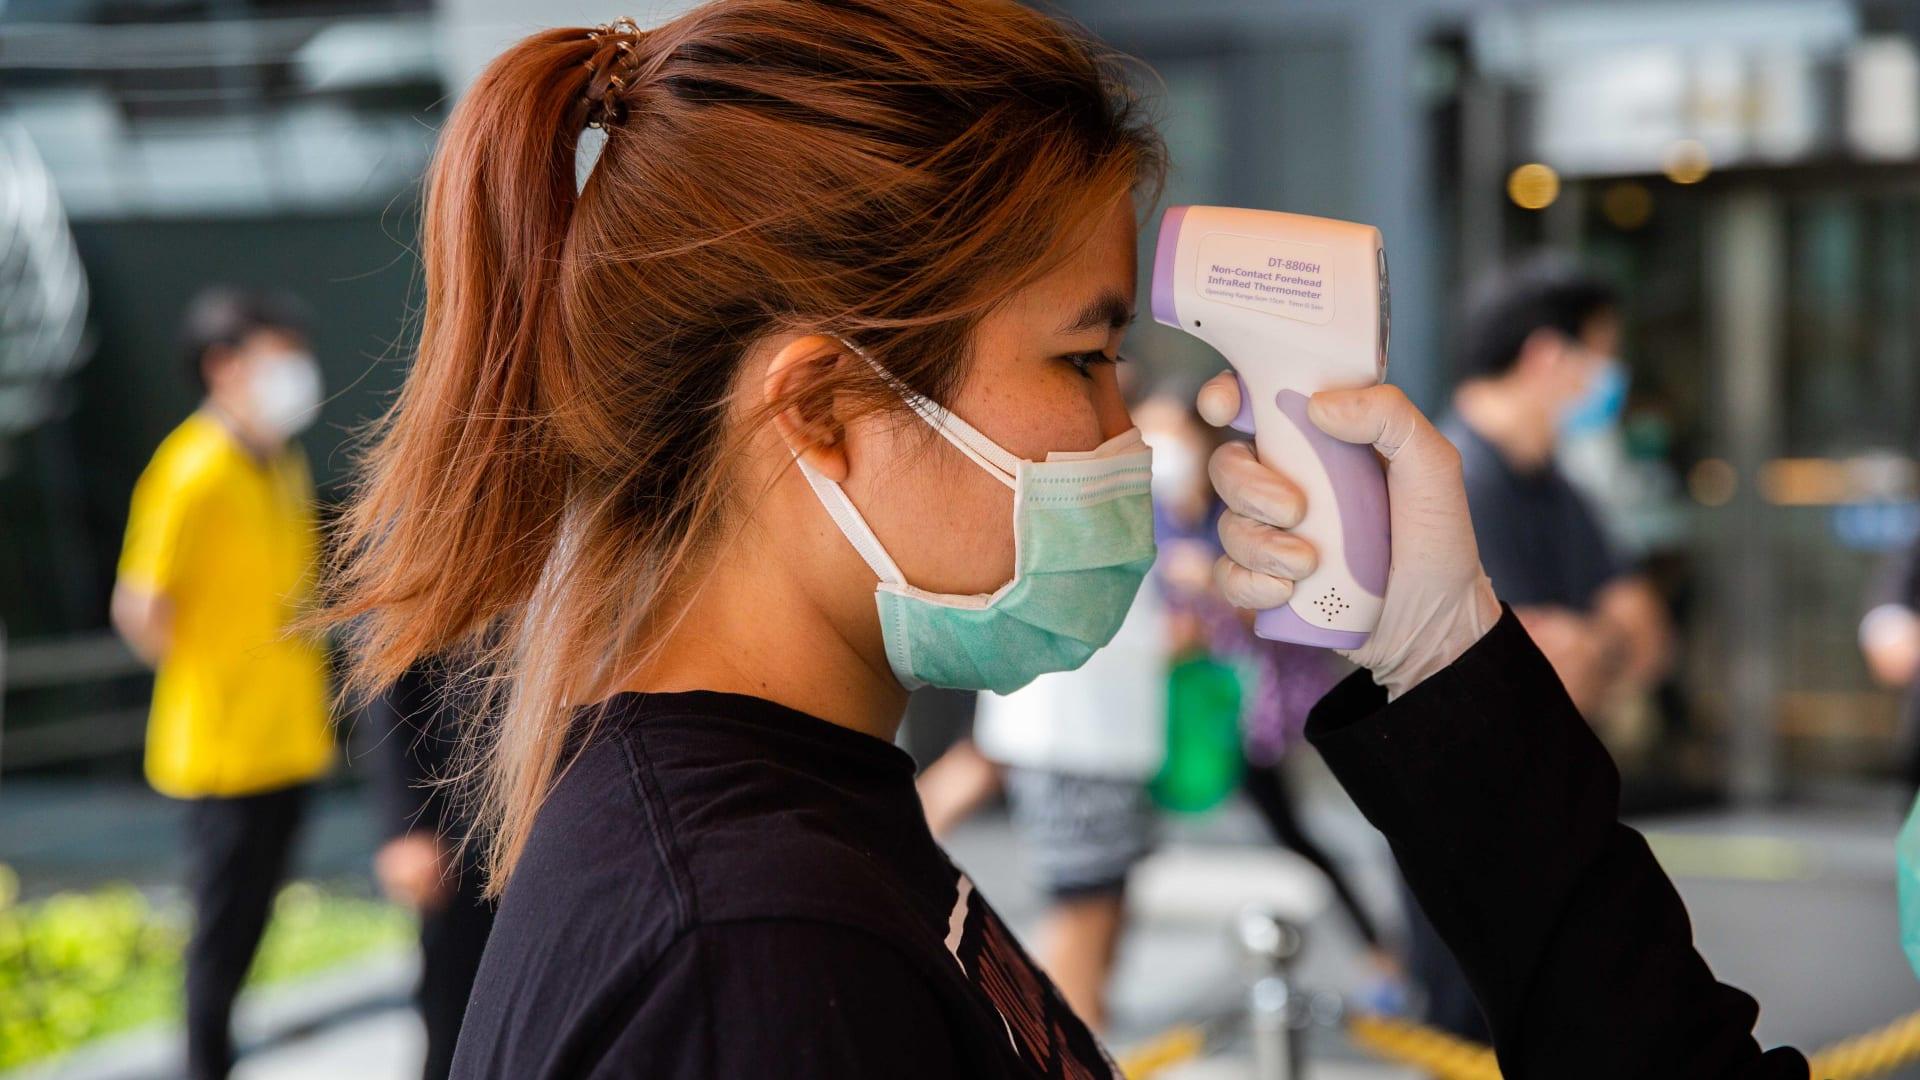 هل يجب أن ترتدي قناع الوجه للحماية من فيروس كورونا؟ خبيرة تجيب